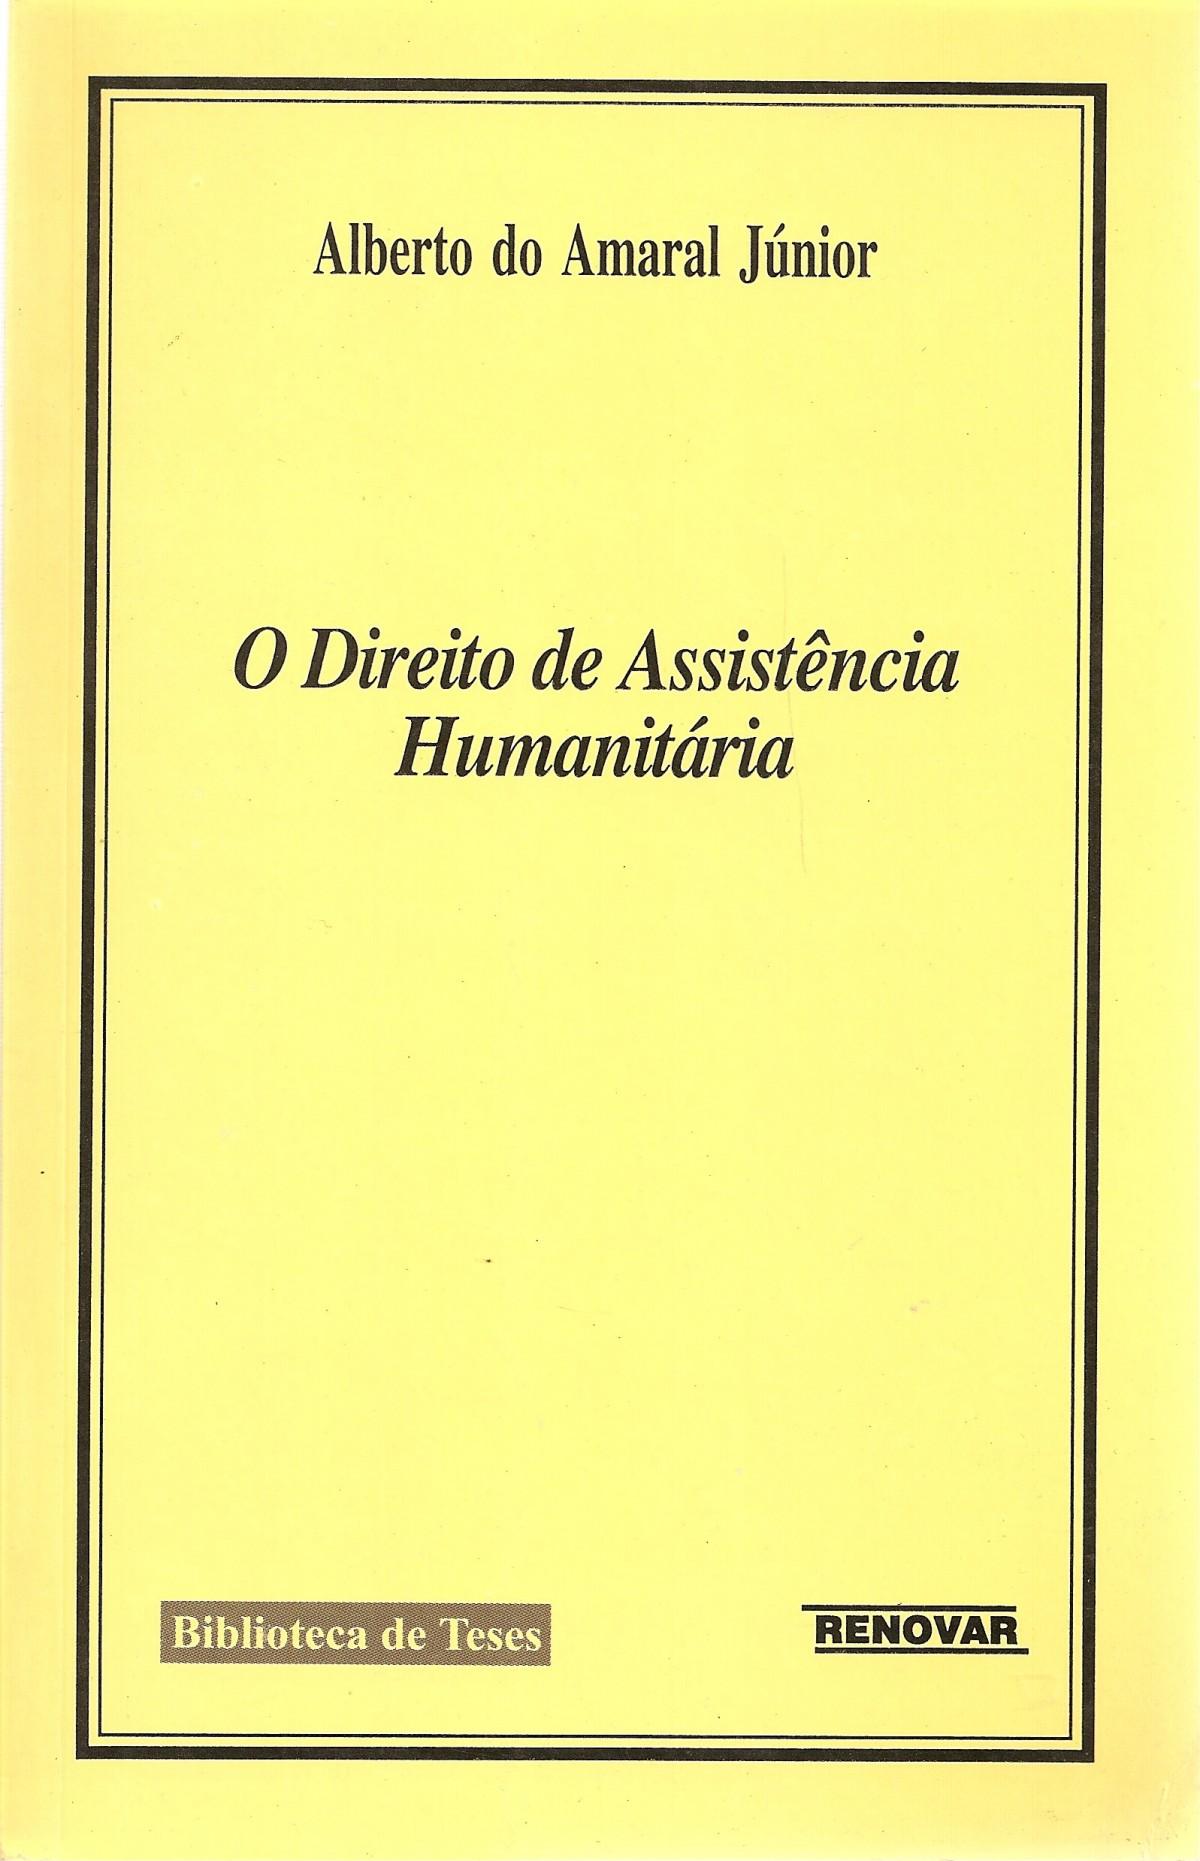 Foto 1 - O Direito de Assistência Humanitária